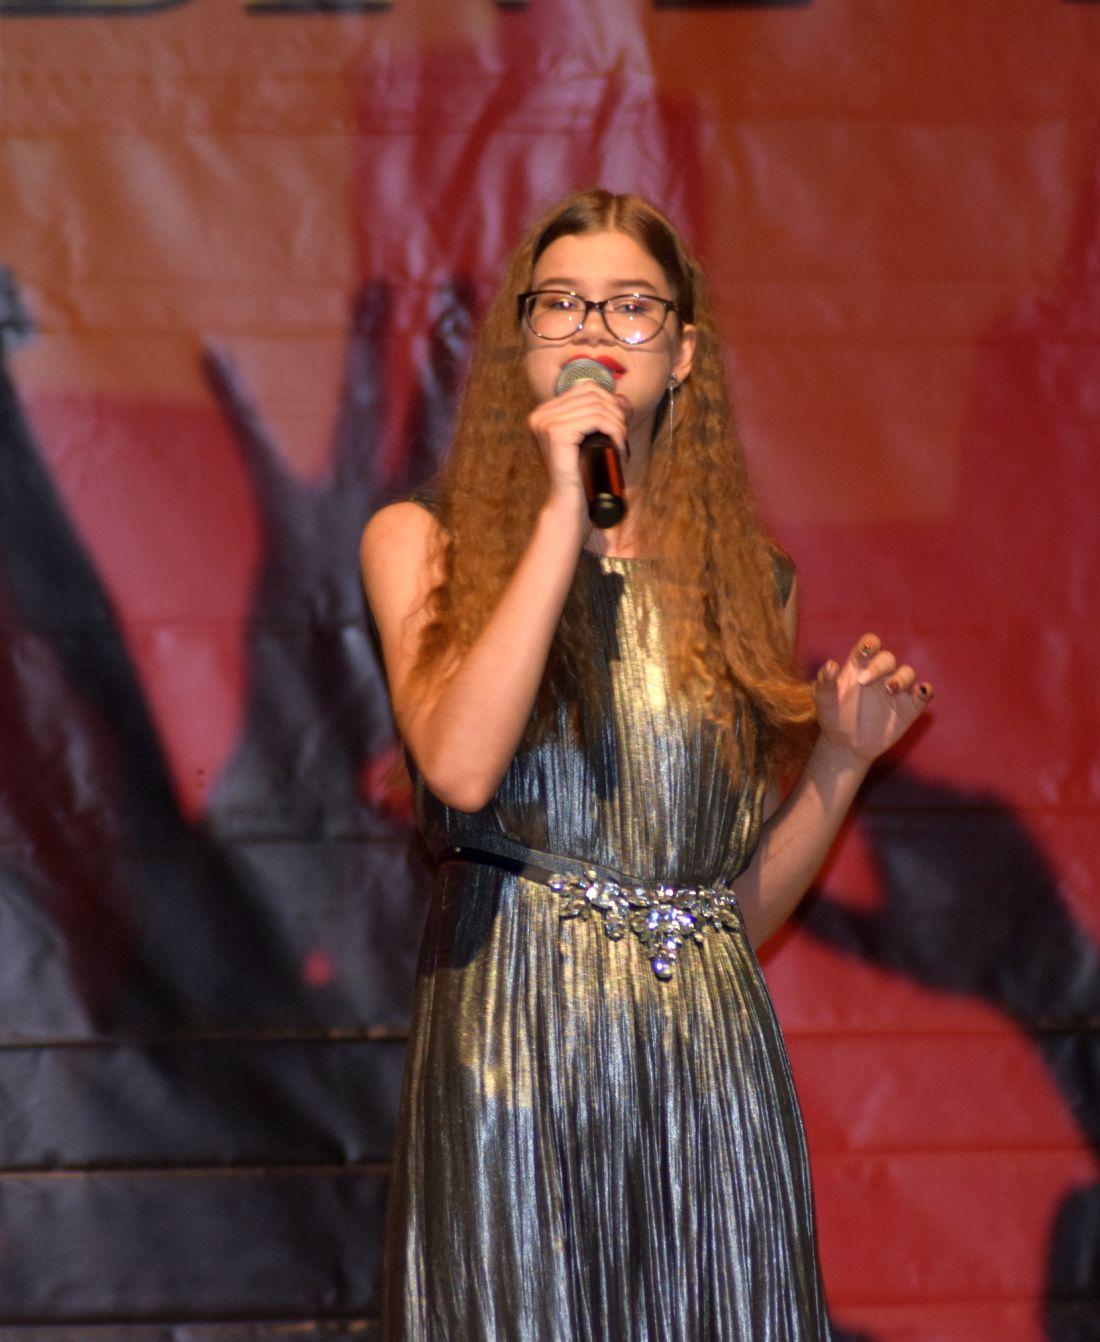 DSC_0690.Premiul Tinere Talente - Ioana Tetiu - Masterclass Brasov 2019 (foto by Bogdan Dragomir)